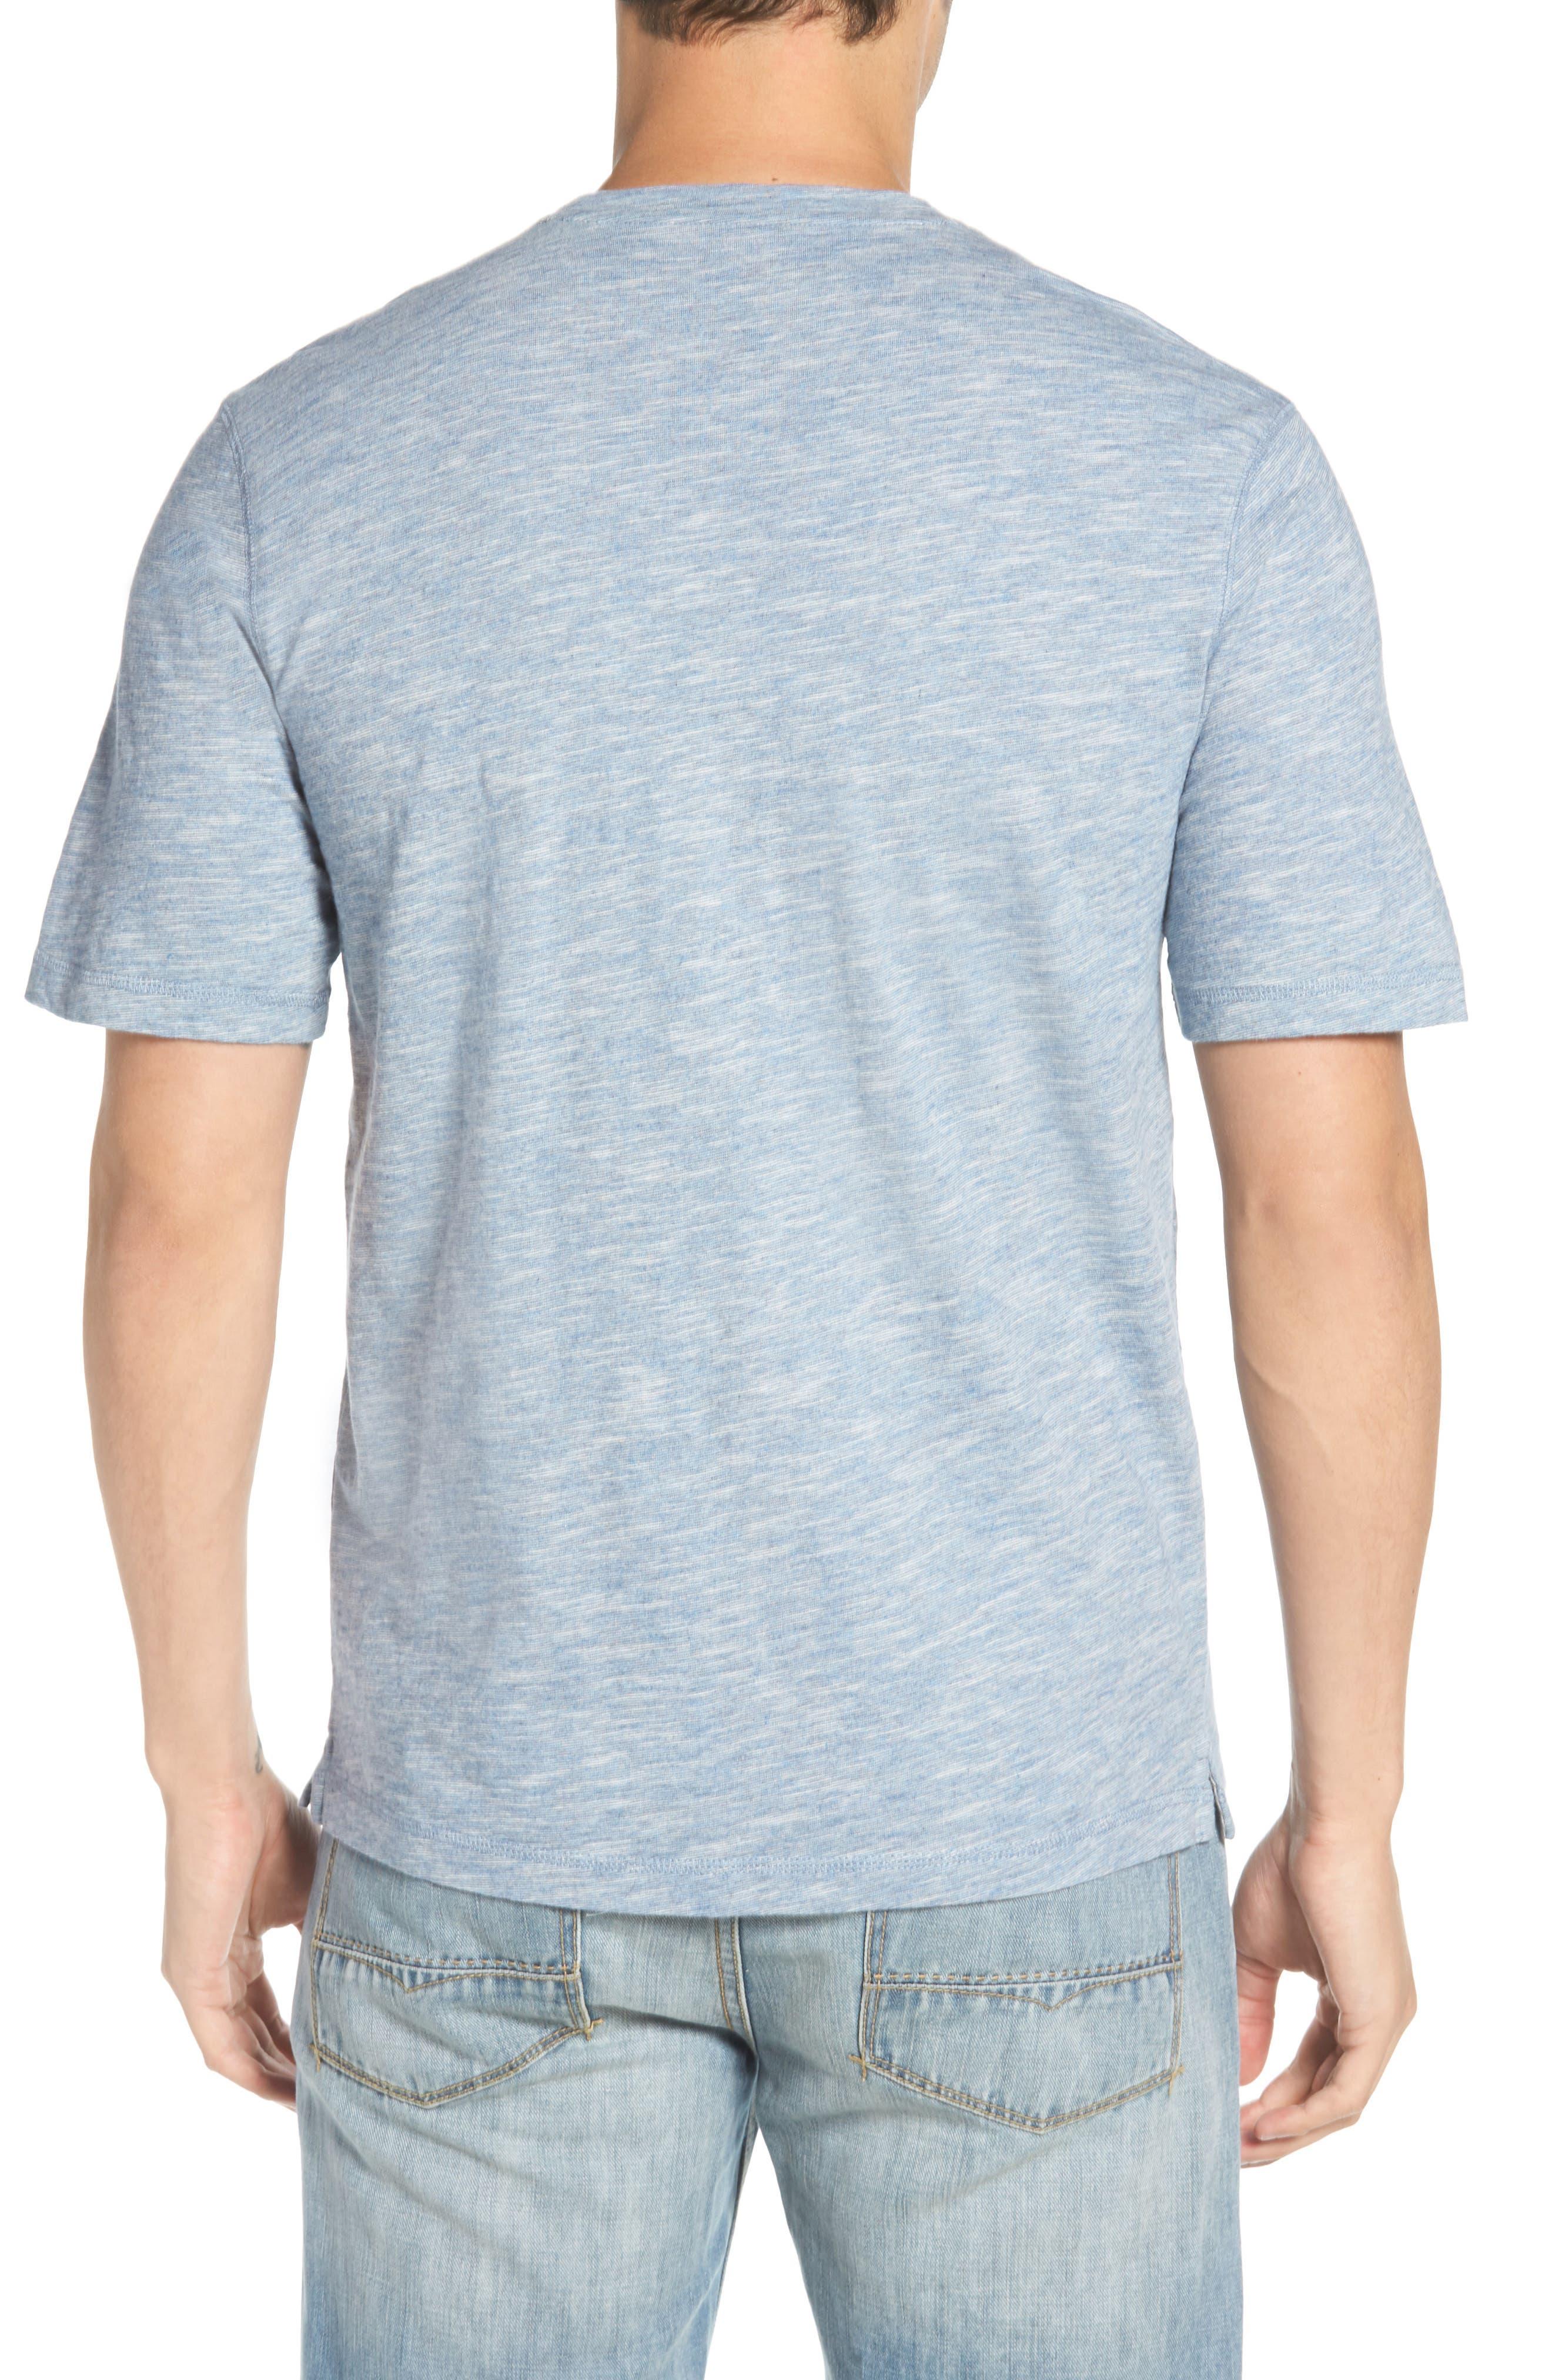 Slubbie Regular Fit Crewneck T-Shirt,                             Alternate thumbnail 2, color,                             Meteor